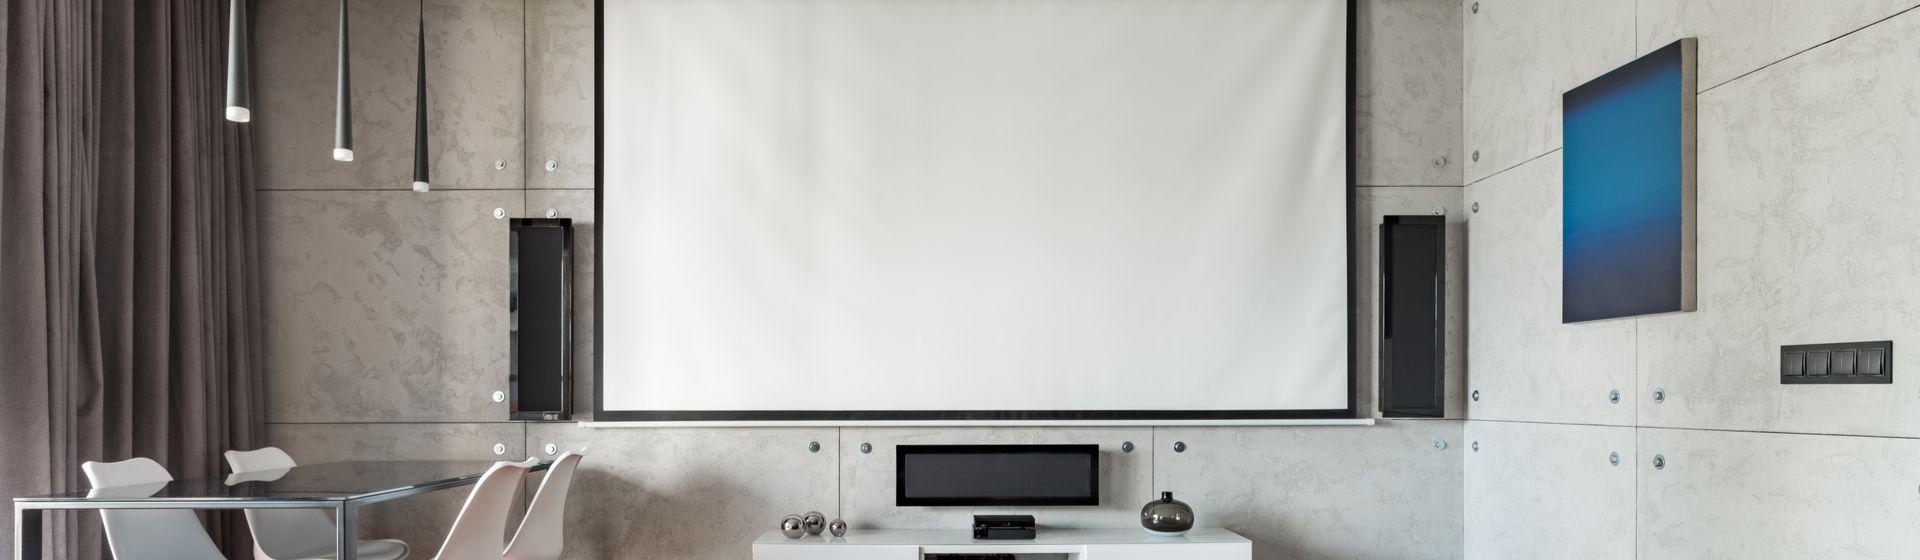 Melhor home theater Bluetooth: confira as opções